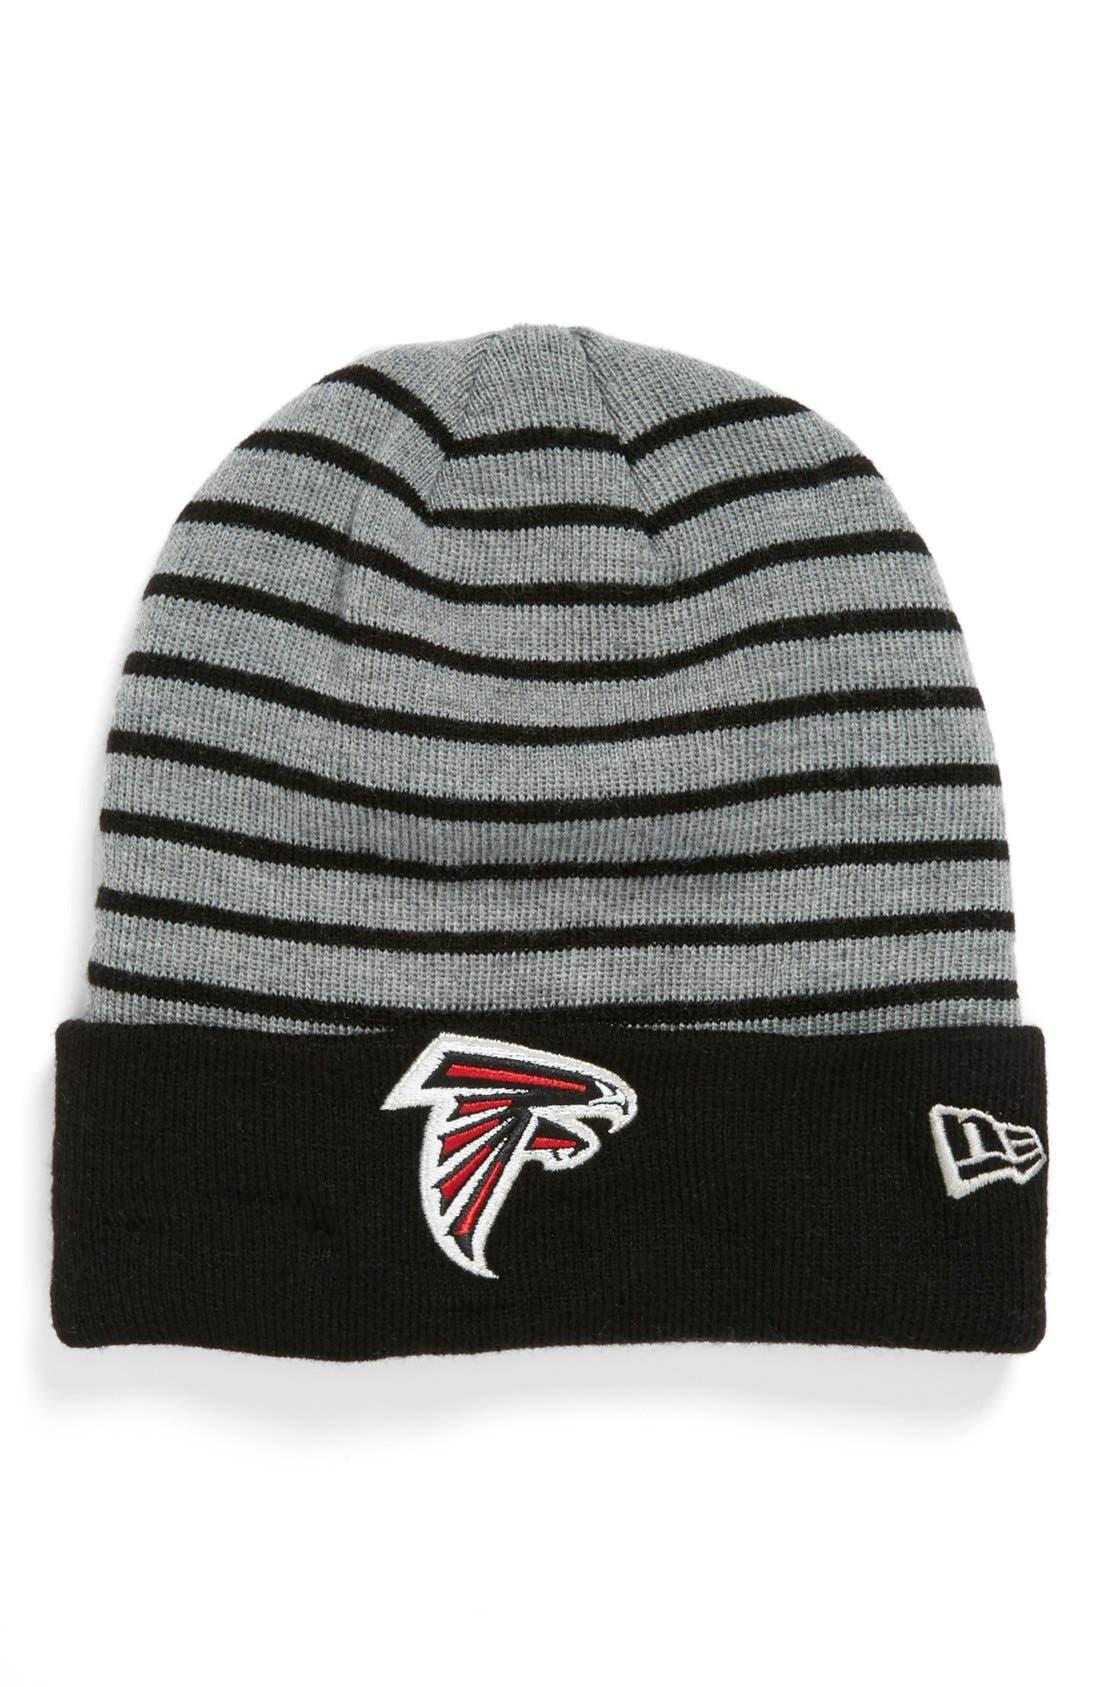 Main Image - New Era Cap 'H Stripe - Atlanta Falcons' Knit Cap